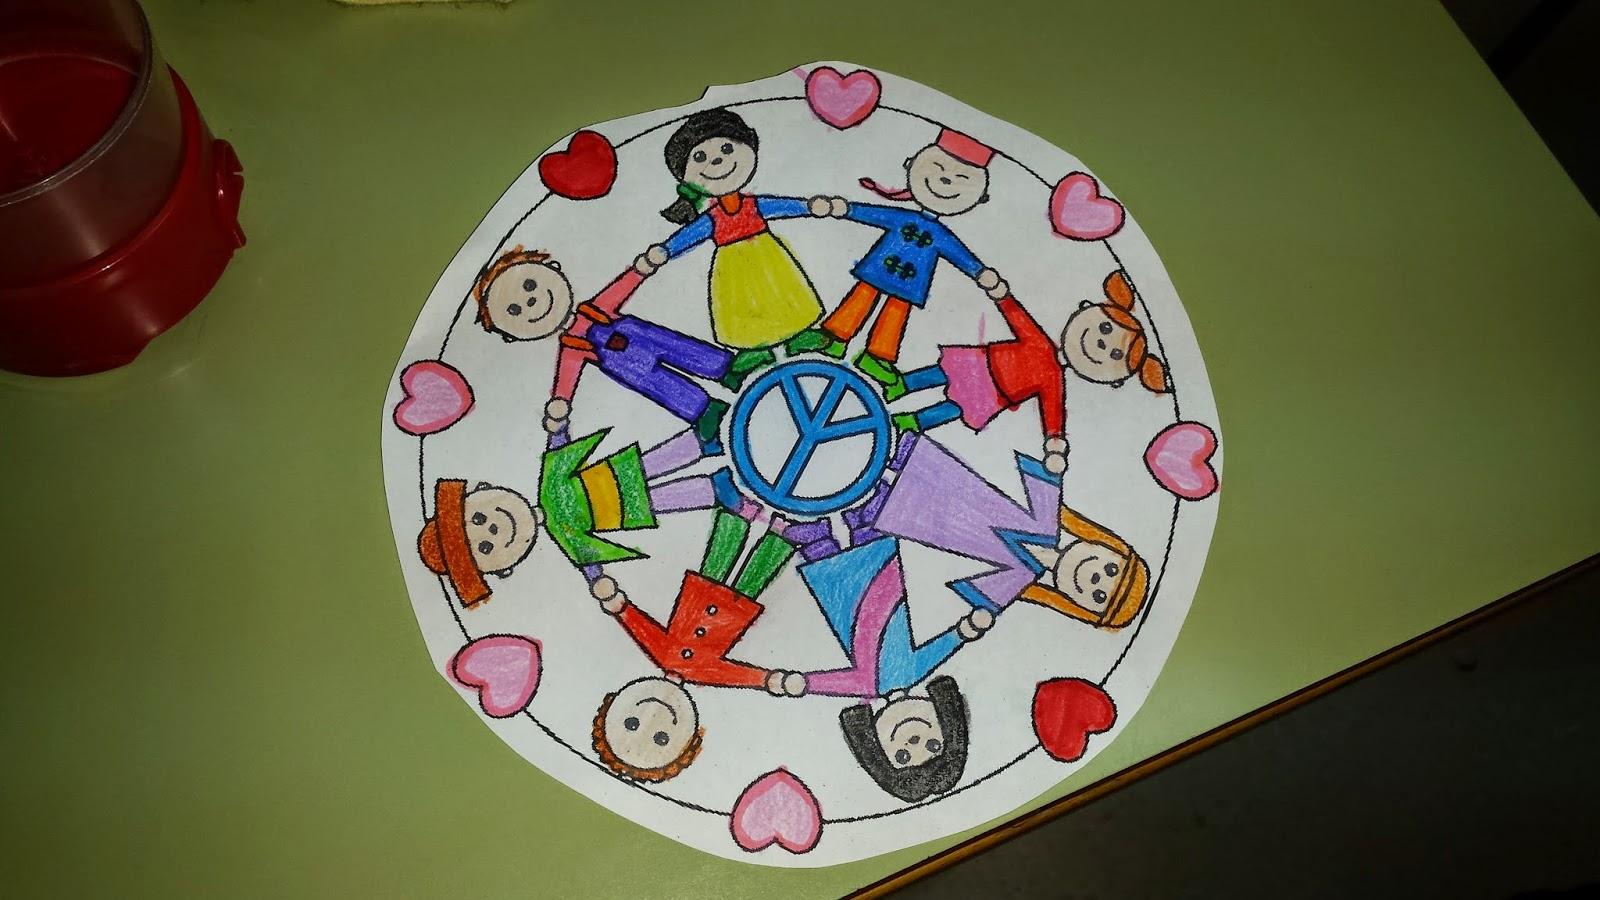 Día De La Paz Galería De Dibujos Y Carteles Niños Del: ALGOPEKES: Día De La Paz